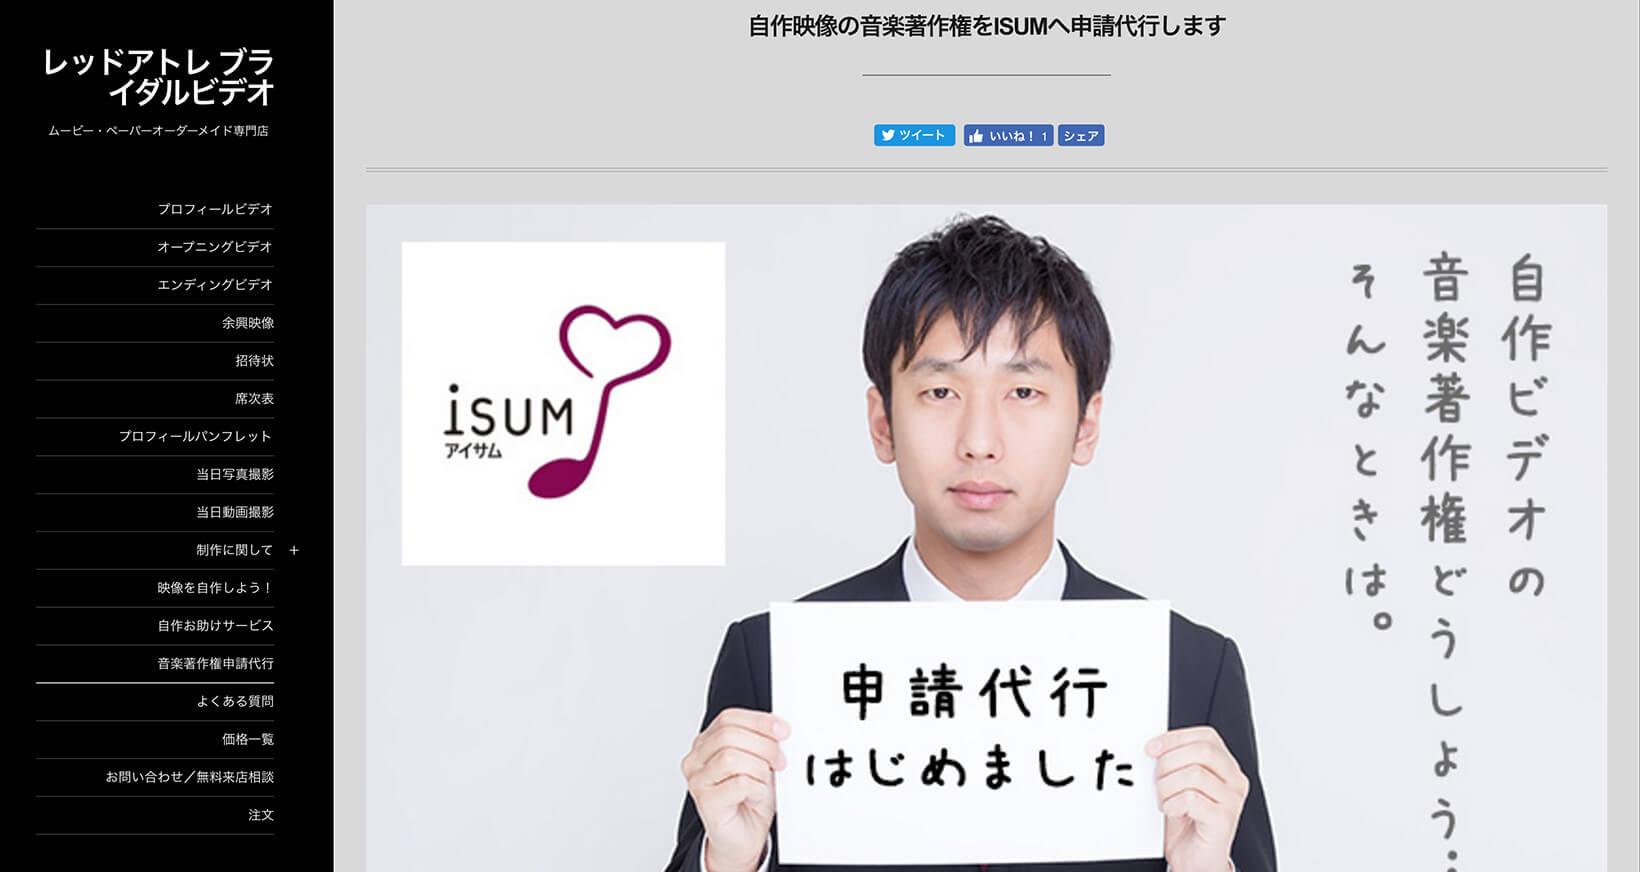 レッドアトレ ISUM申請代行 結婚式 映像 許可